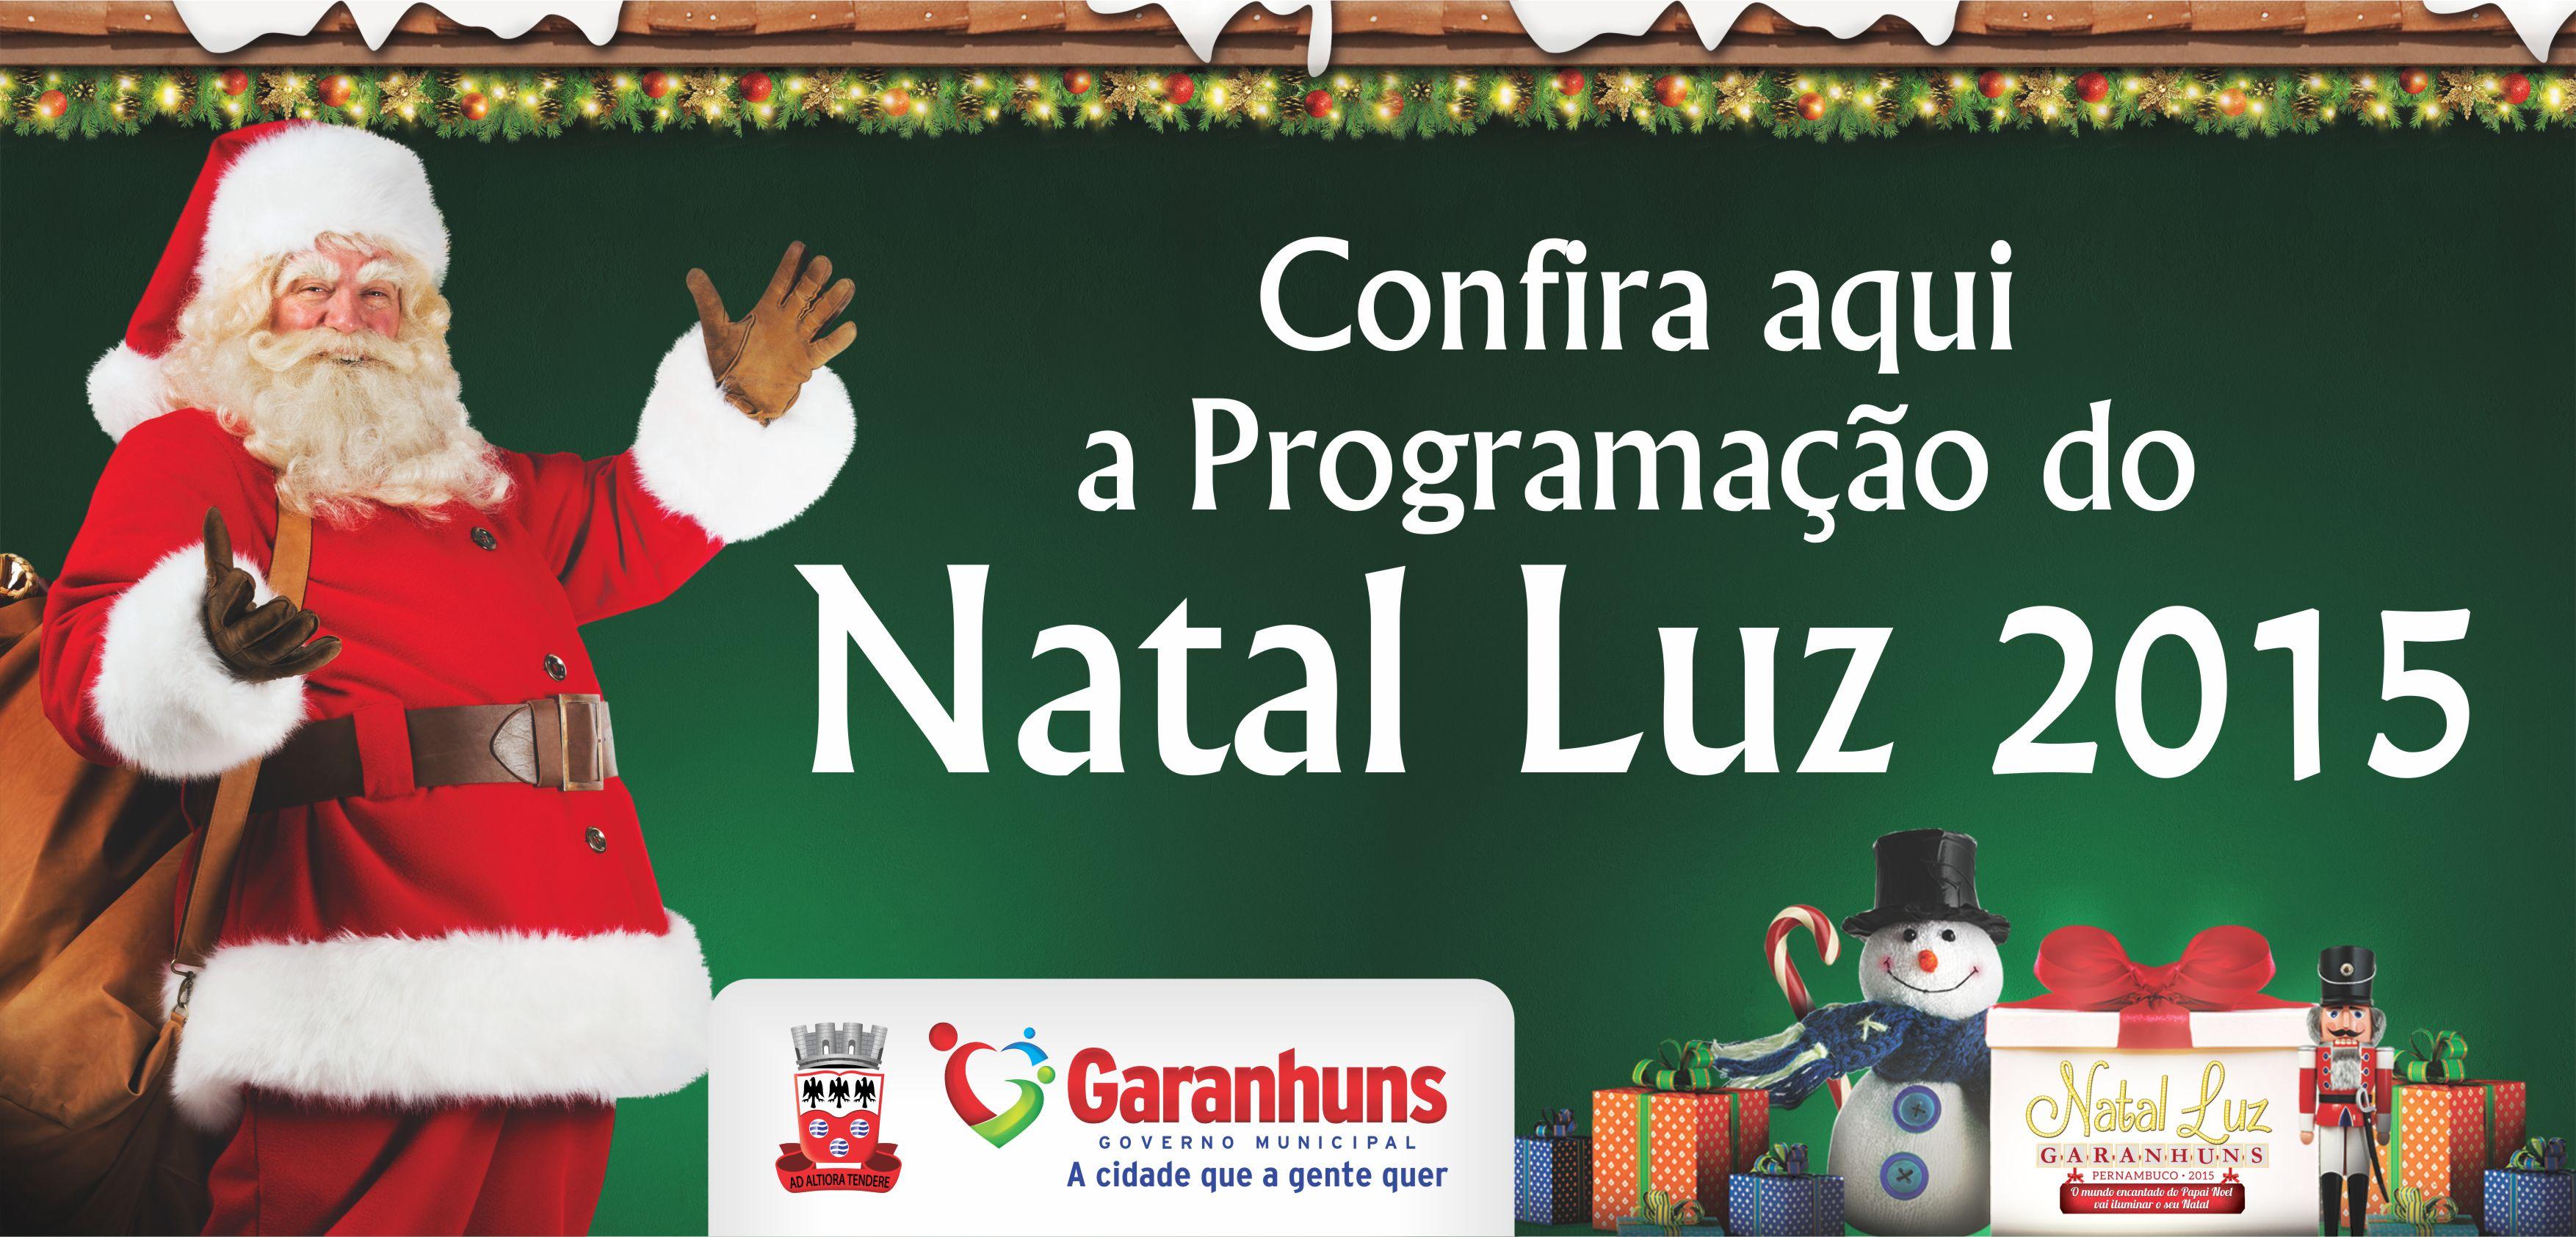 Programação Natal Luz 2015